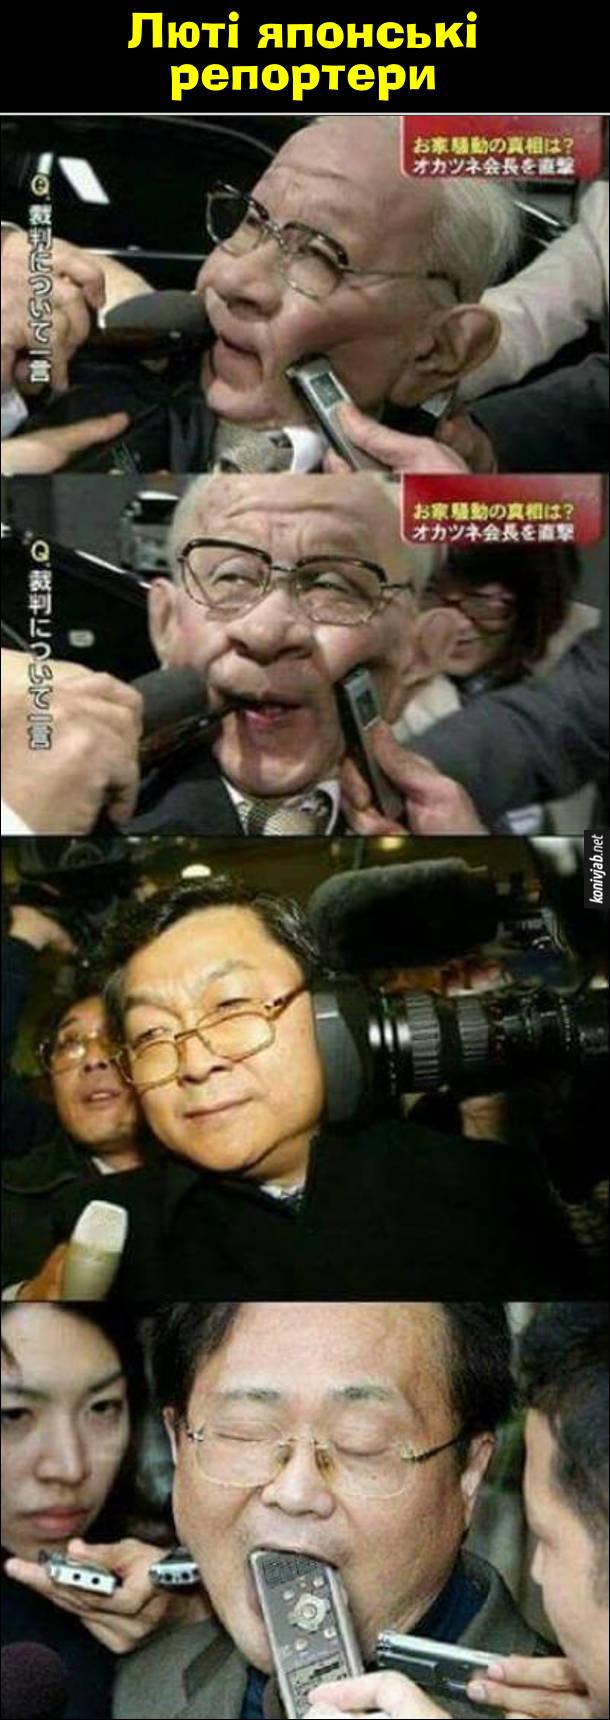 Люті японські репортери пхають мікрофони прямо в обличчя